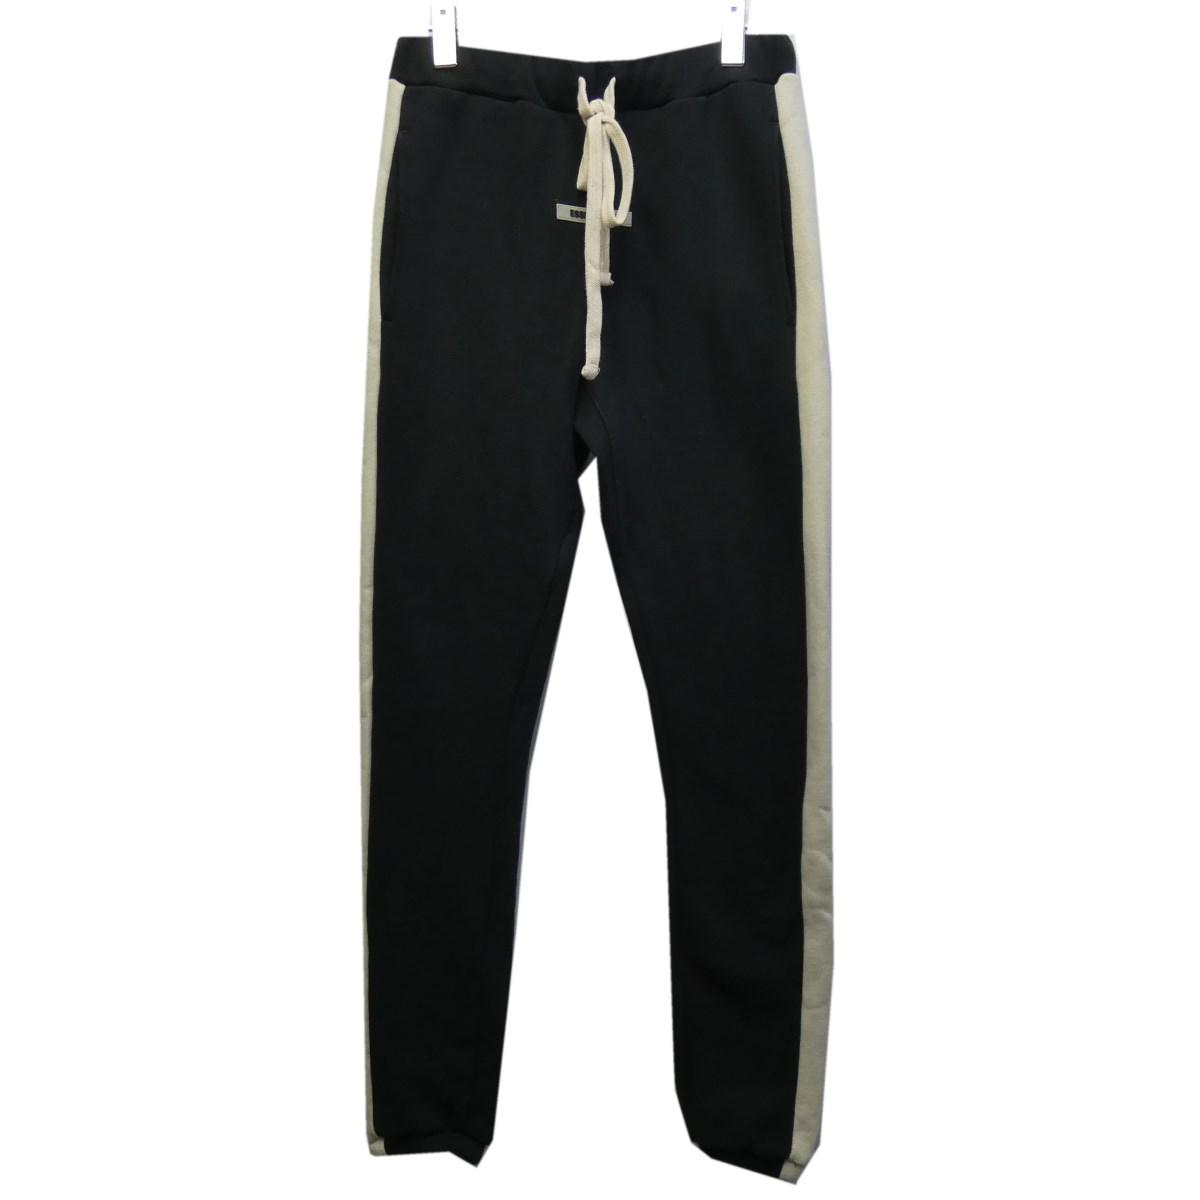 【中古】FOG ESSENTIALS 19AW「Sideline Sweat Pants」サイドラインスウェットパンツ ブラック サイズ:XXS 【250320】(エフオージー エッセンシャルズ)